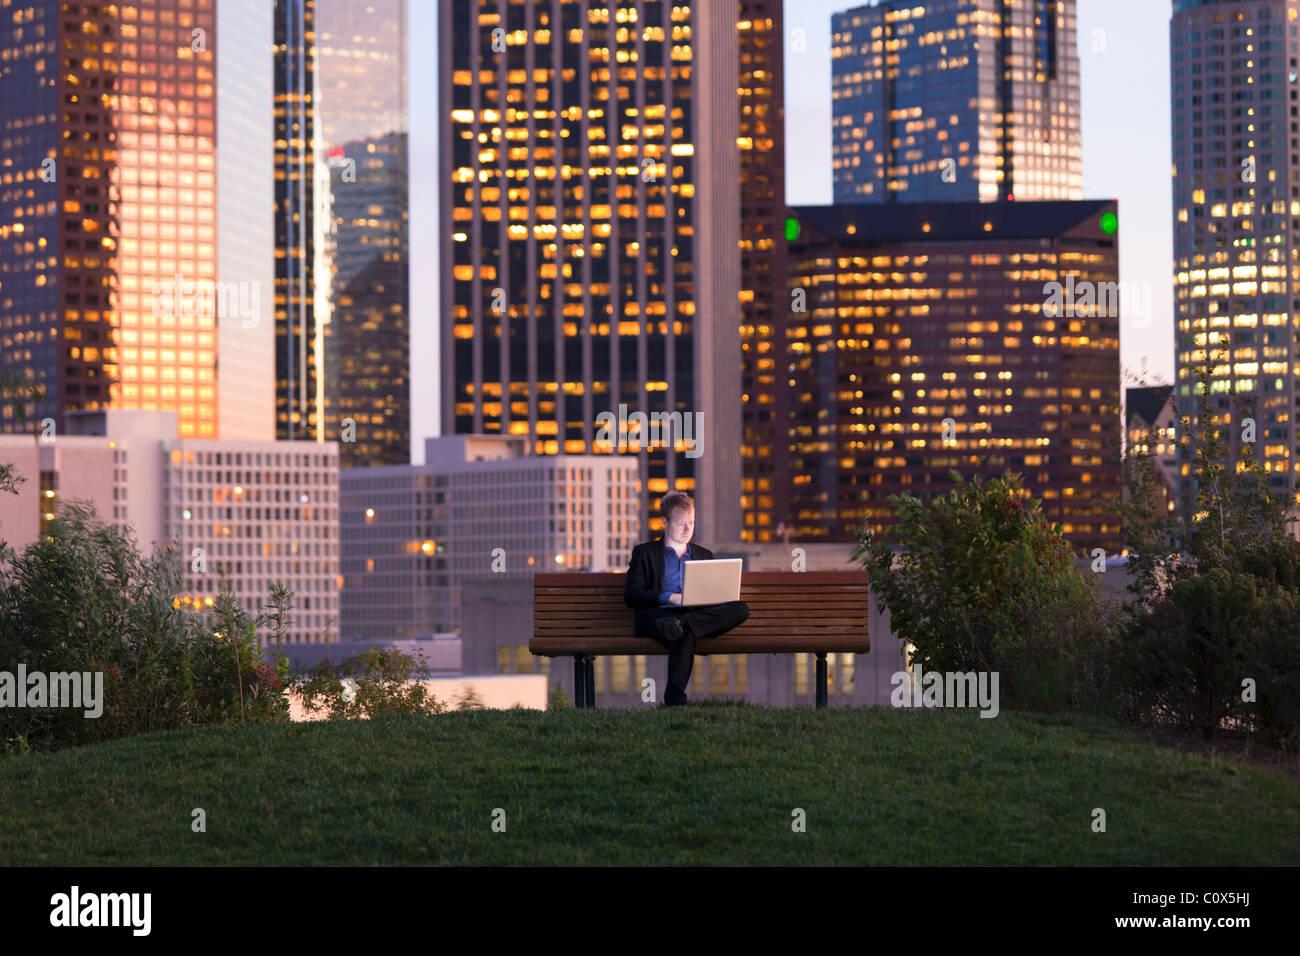 Voce maschile seduto su una panchina nel parco lavorando sul computer portatile con Los Angeles skyline della città Immagini Stock